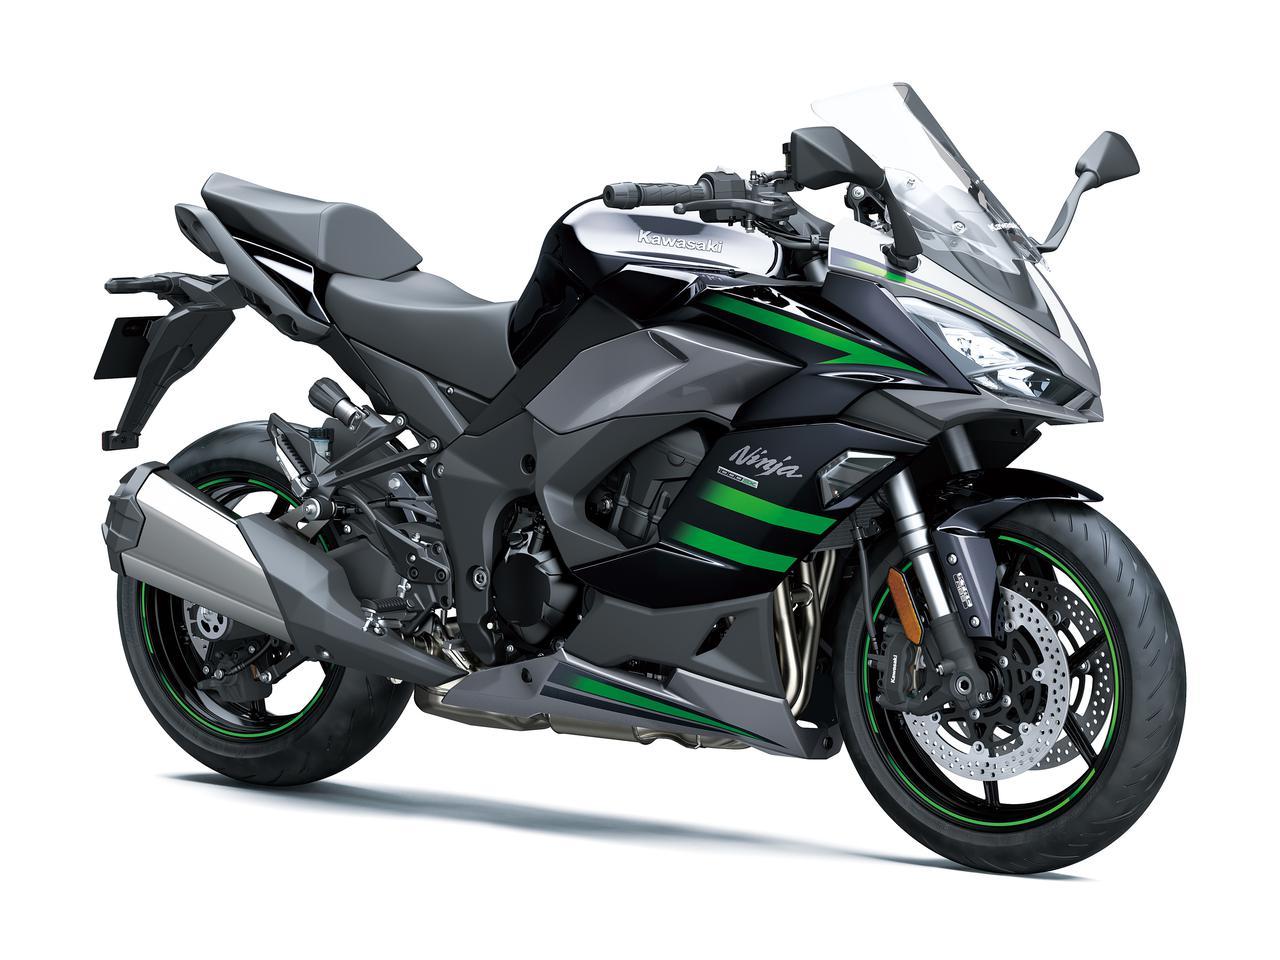 画像11: カワサキが「Ninja 1000SX」の2021年モデルを発表! 2020年モデルと比較チェック